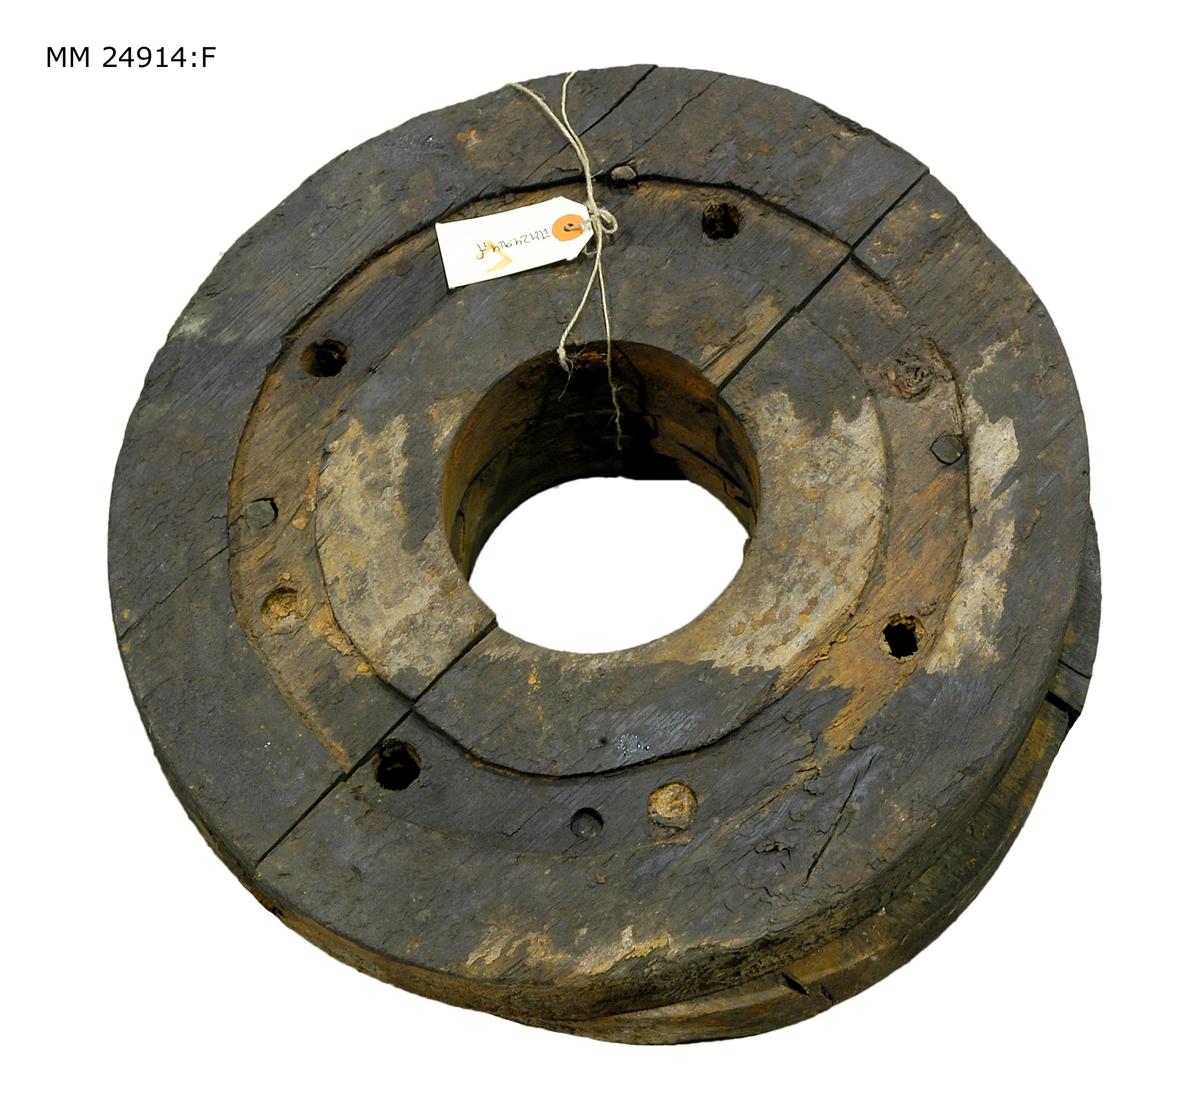 Svart hjul som består av flera hopsatta delar som hålls samman av en järnring. Hål i mitten för hjulaxeln.